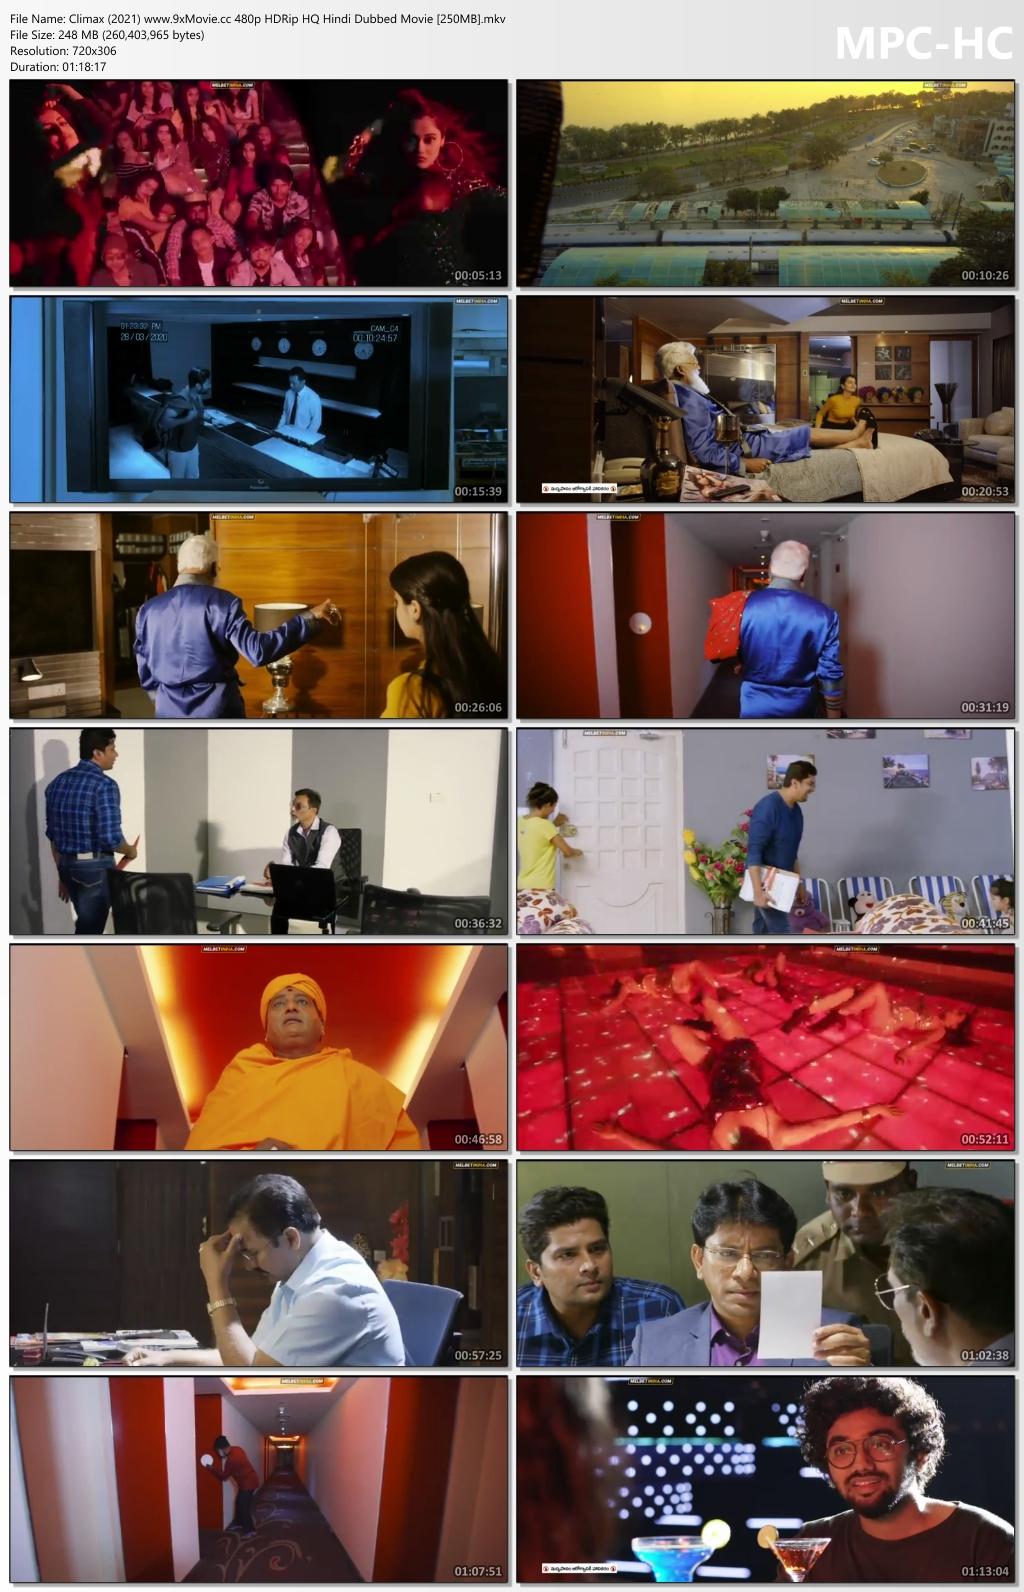 Climax-2021-www-9x-Movie-cc-480p-HDRip-HQ-Hindi-Dubbed-Movie-250-MB-mkv